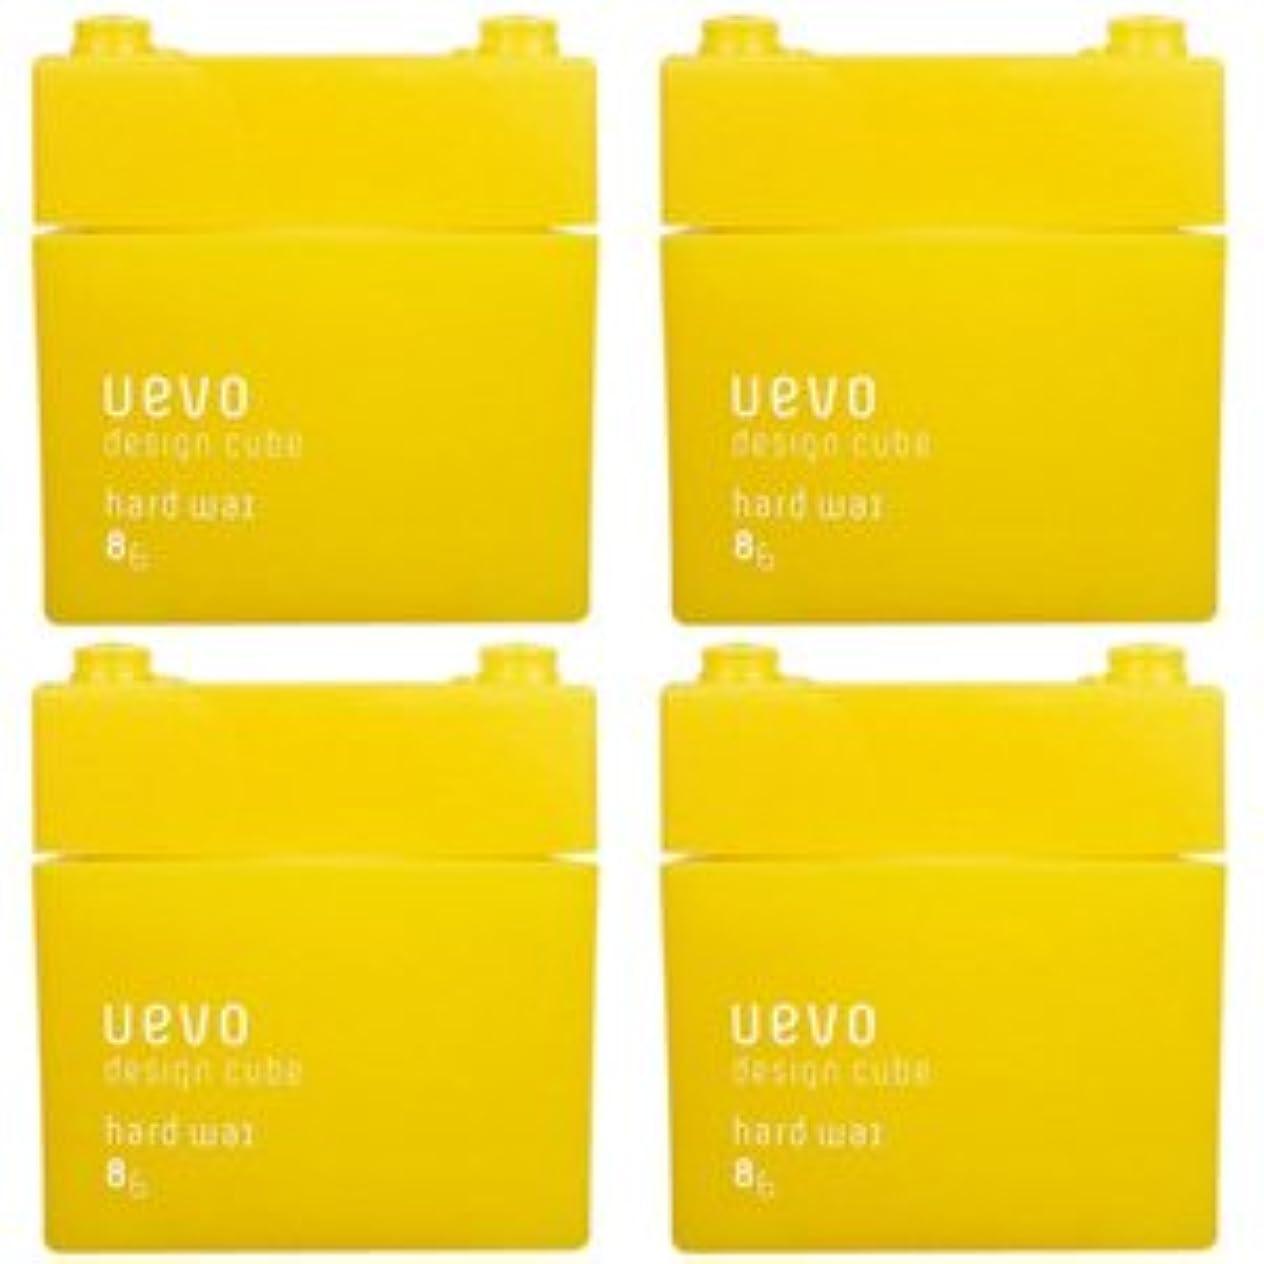 新しさ履歴書外向き【X4個セット】 デミ ウェーボ デザインキューブ ハードワックス 80g hard wax DEMI uevo design cube